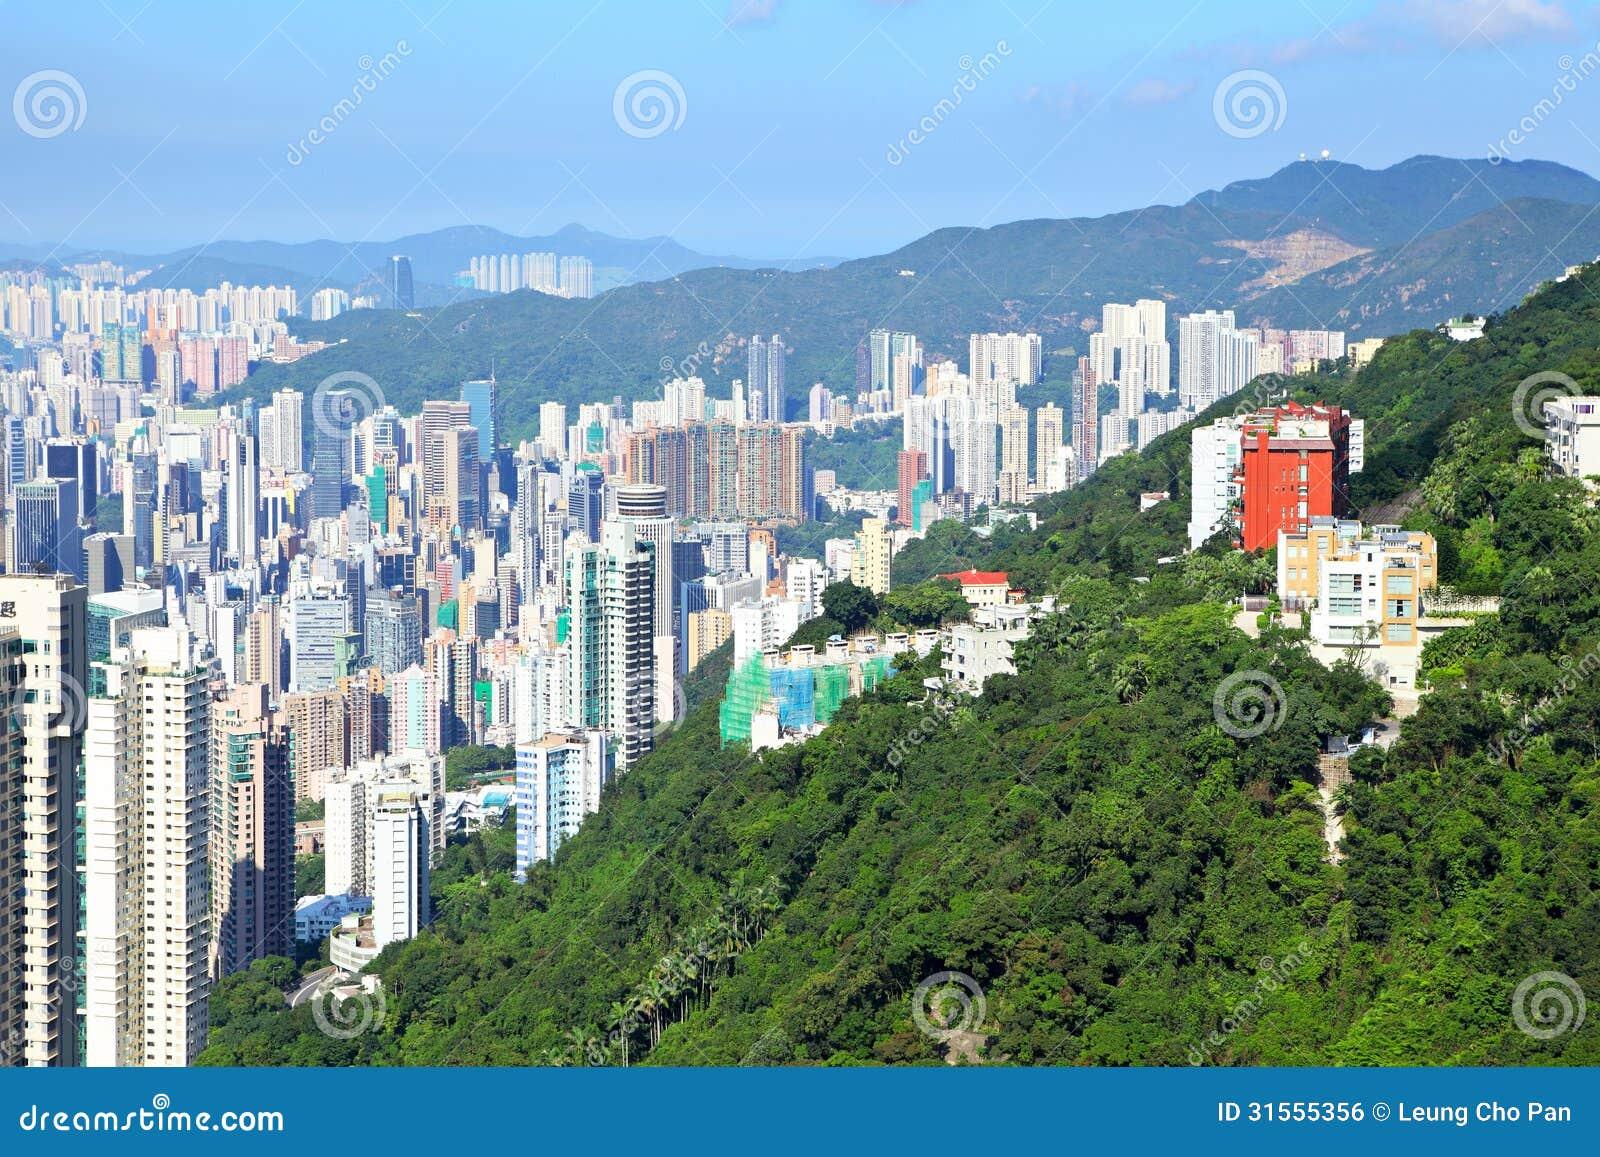 La cr te avec le paysage urbain image libre de droits for Le paysage